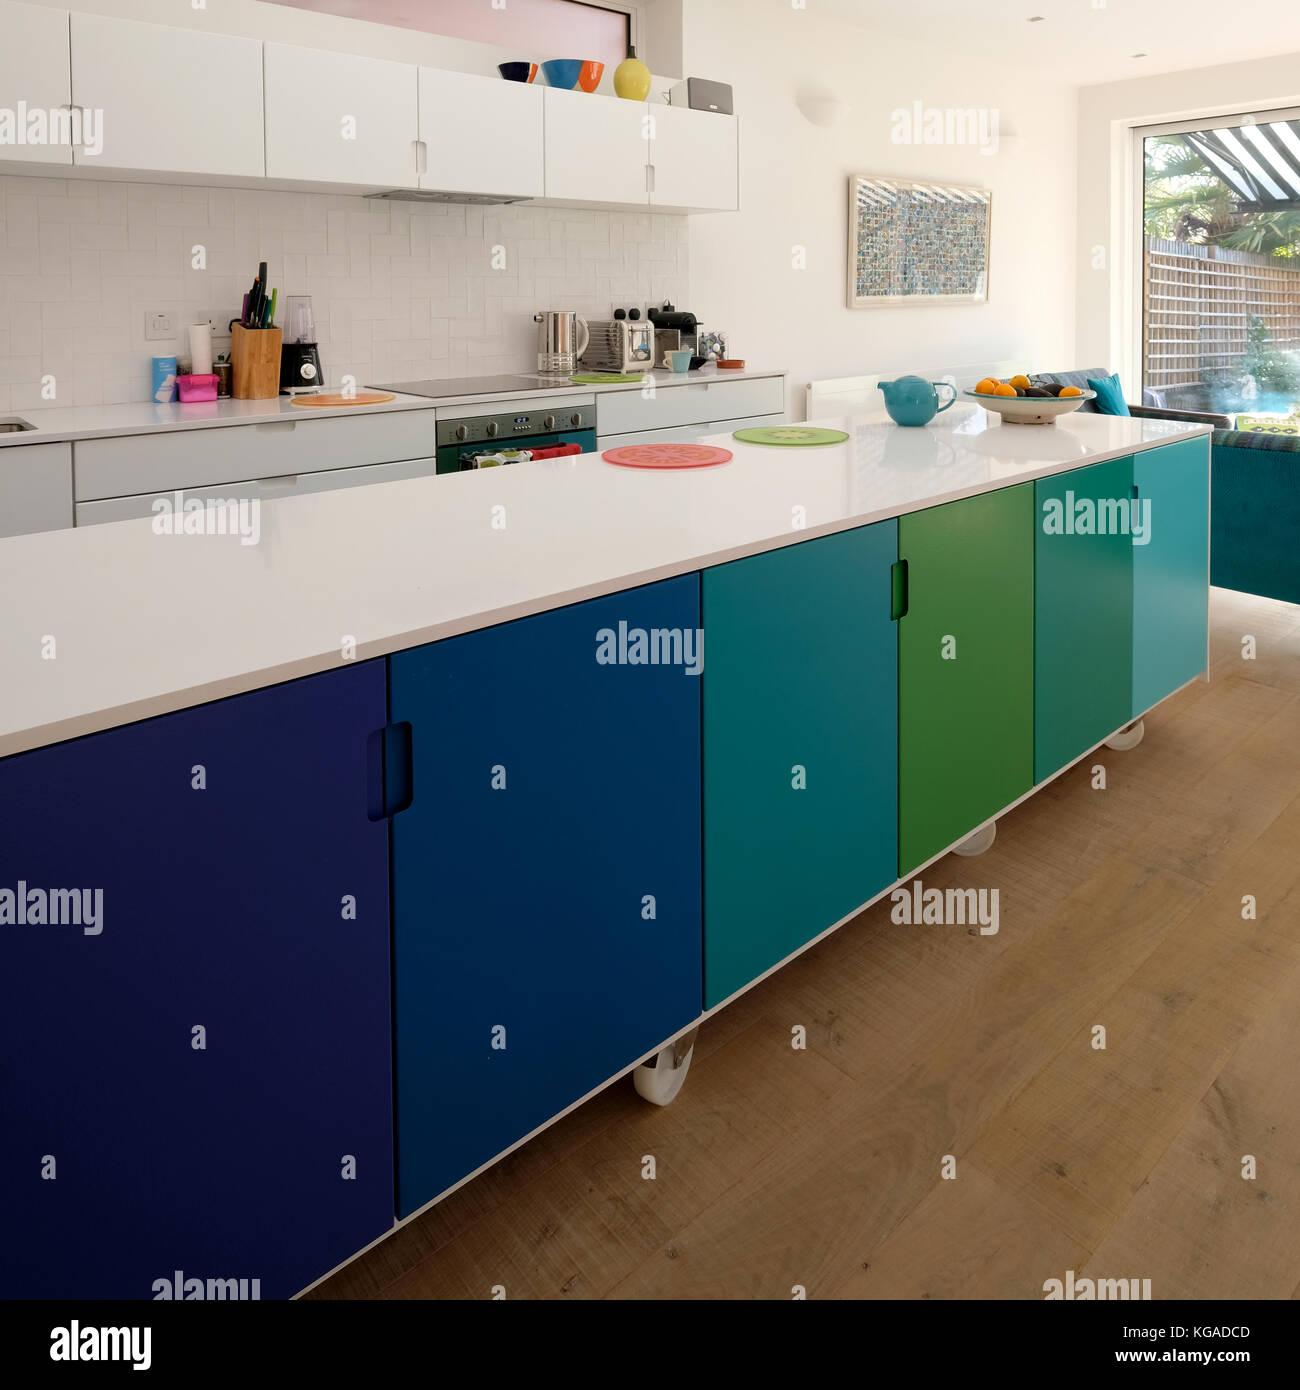 Pintar encimera de cocina great vidrio de color for Pintar encimera cocina